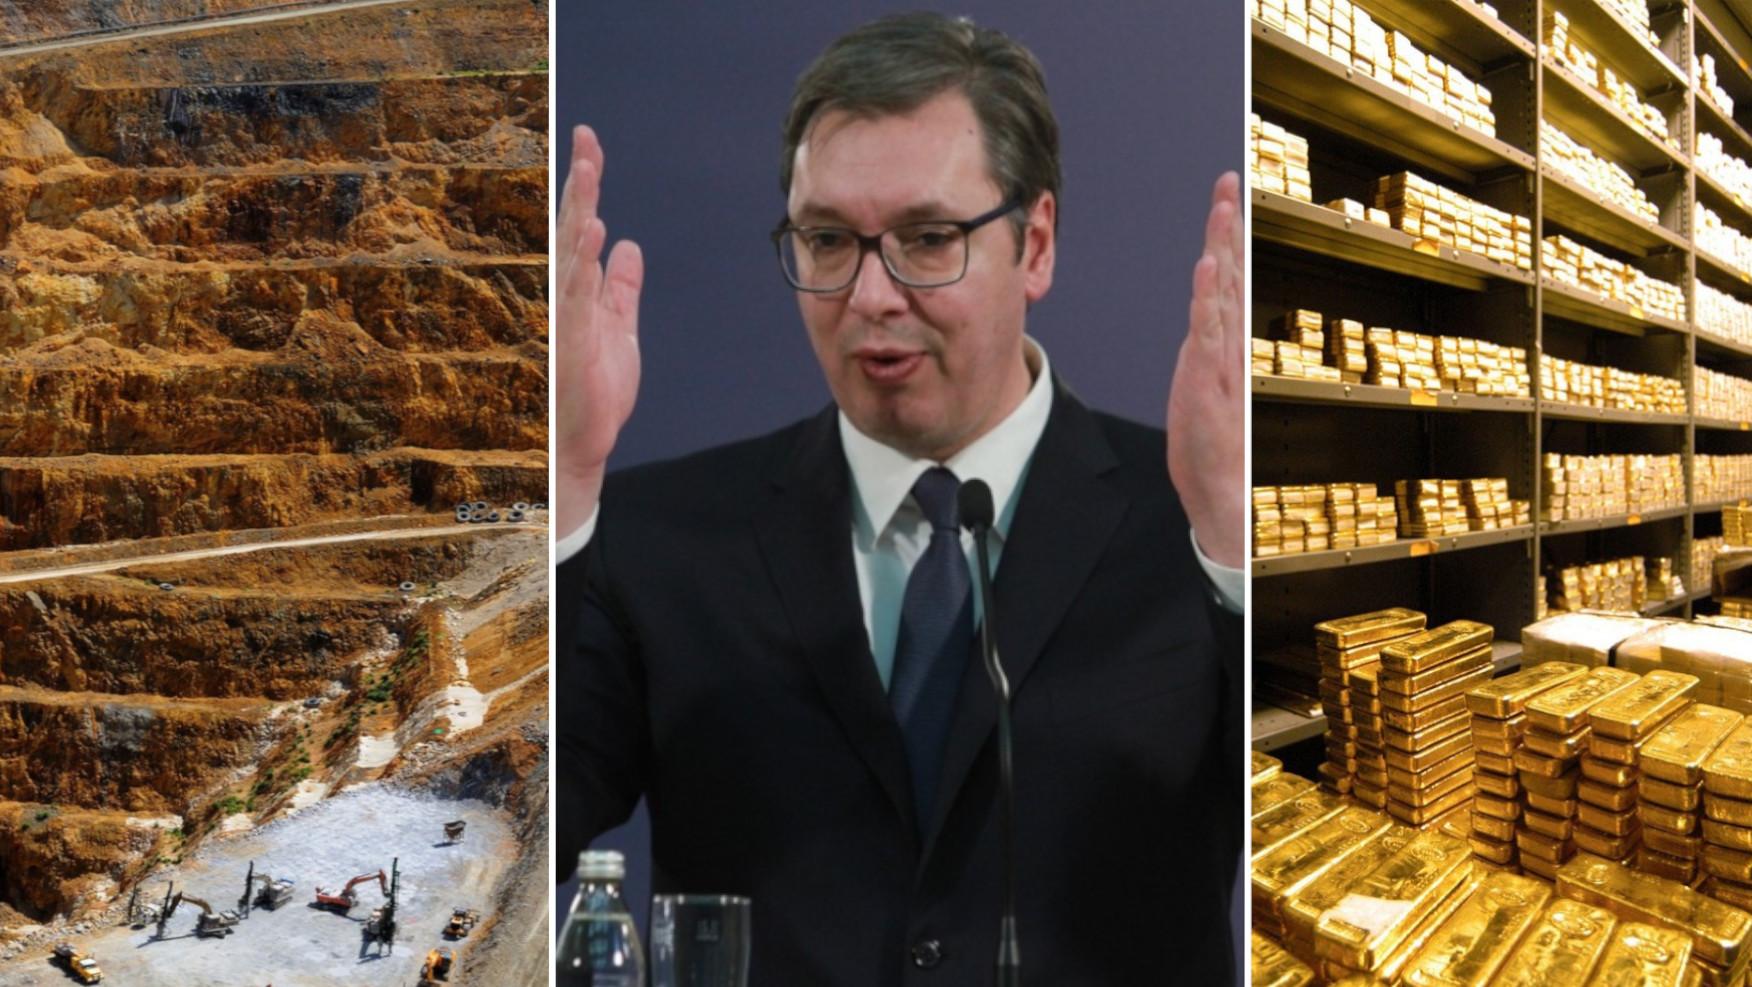 Ilustracija rudnika zlata, Aleksandar Vučić, ilustracija trezora punog zlata